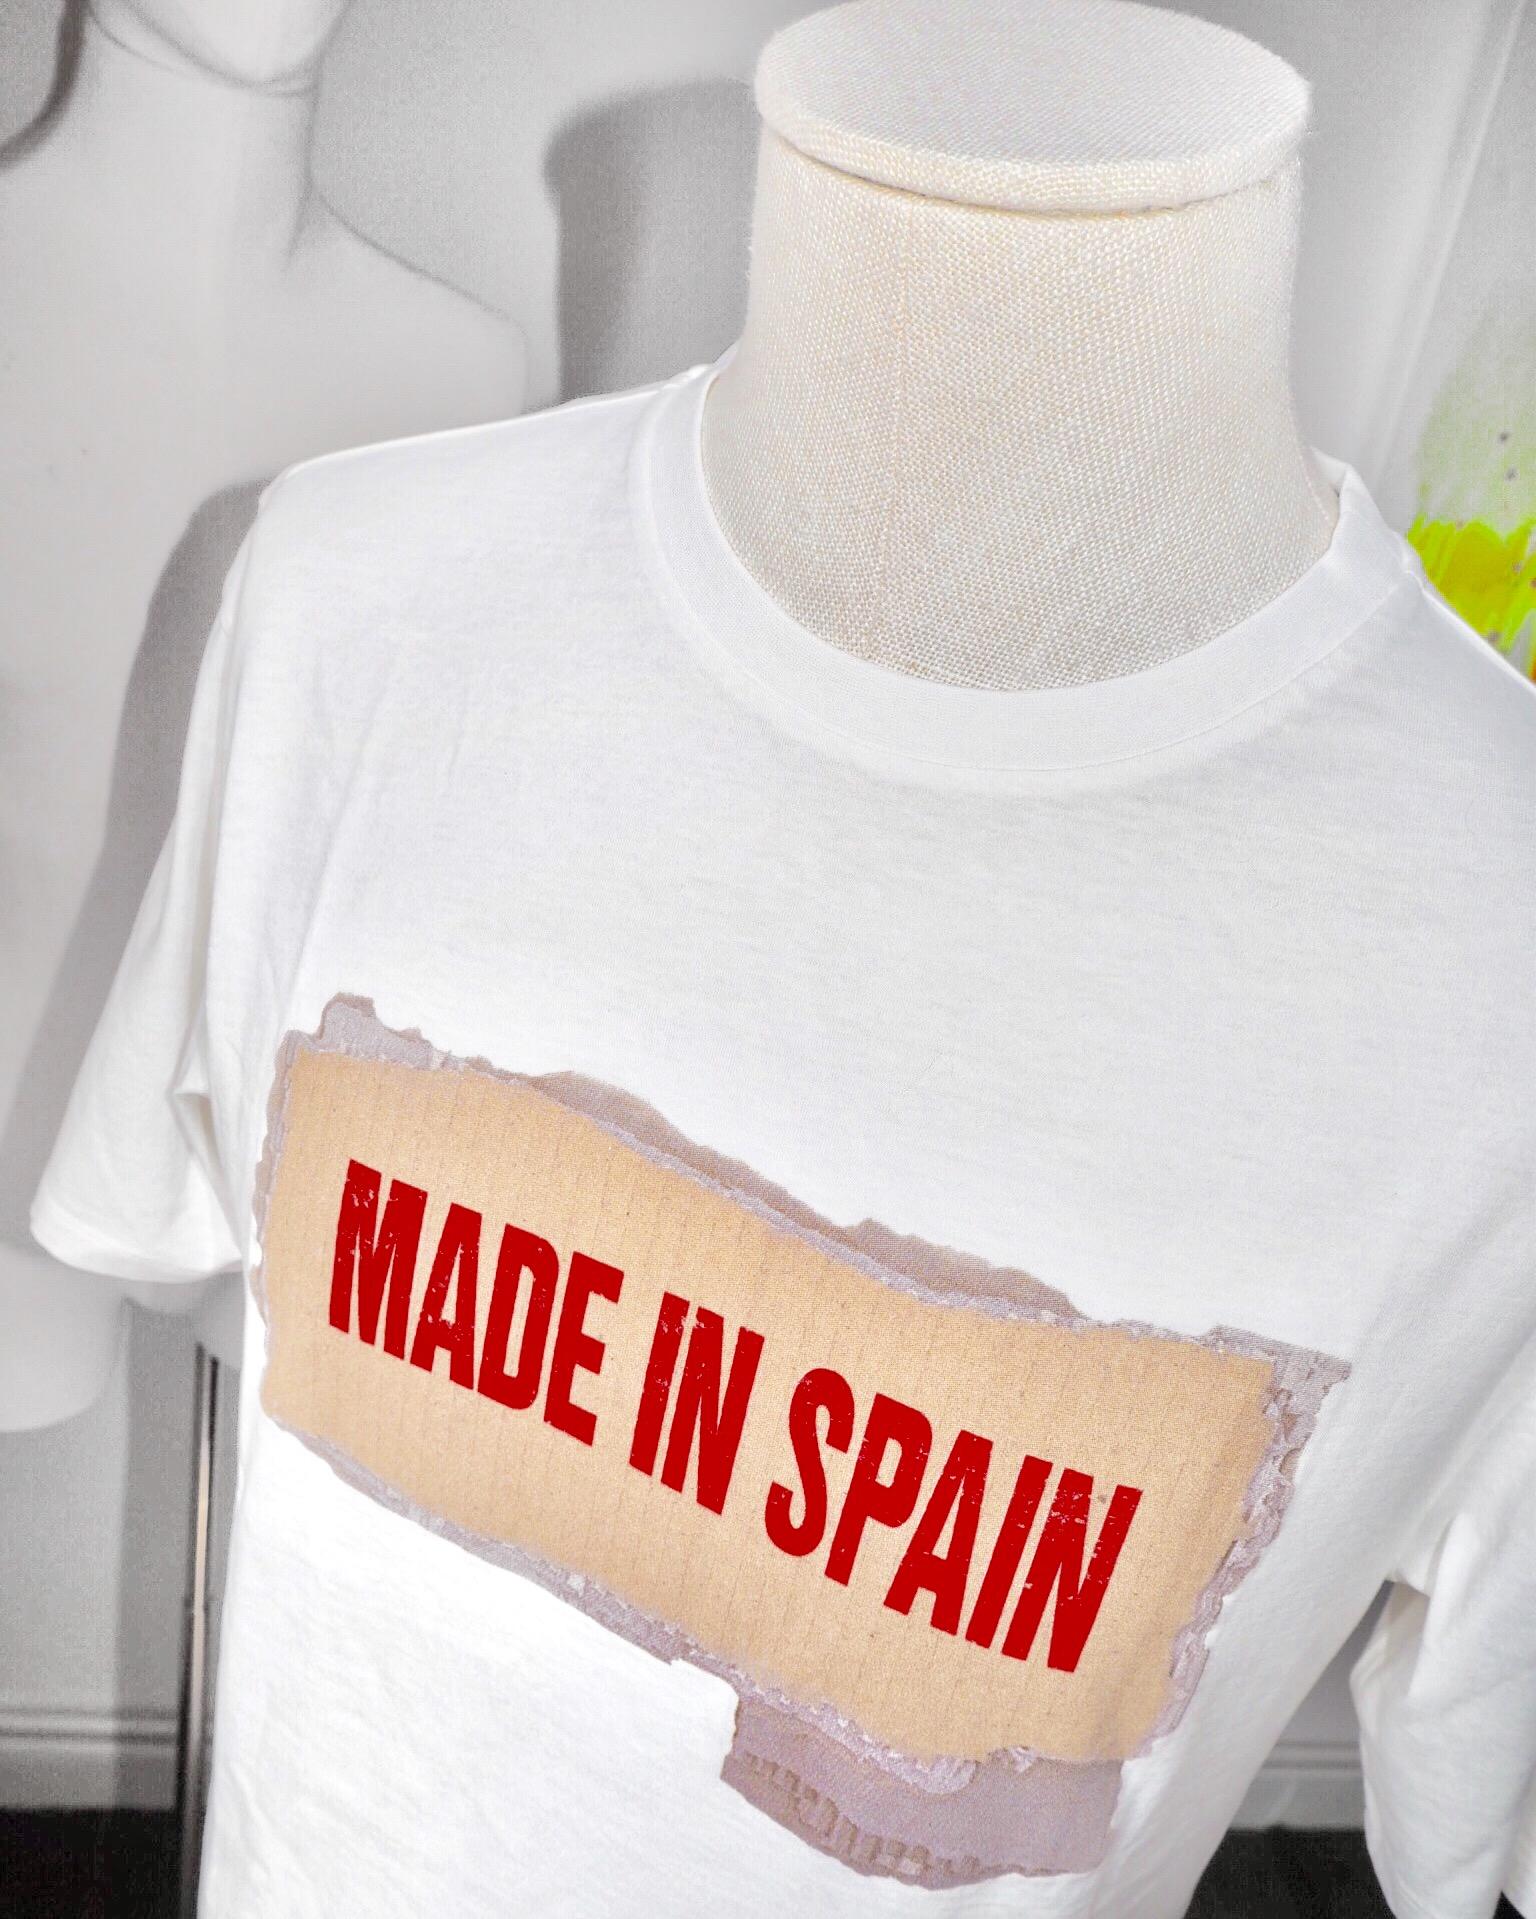 Camiseta de Loewe.